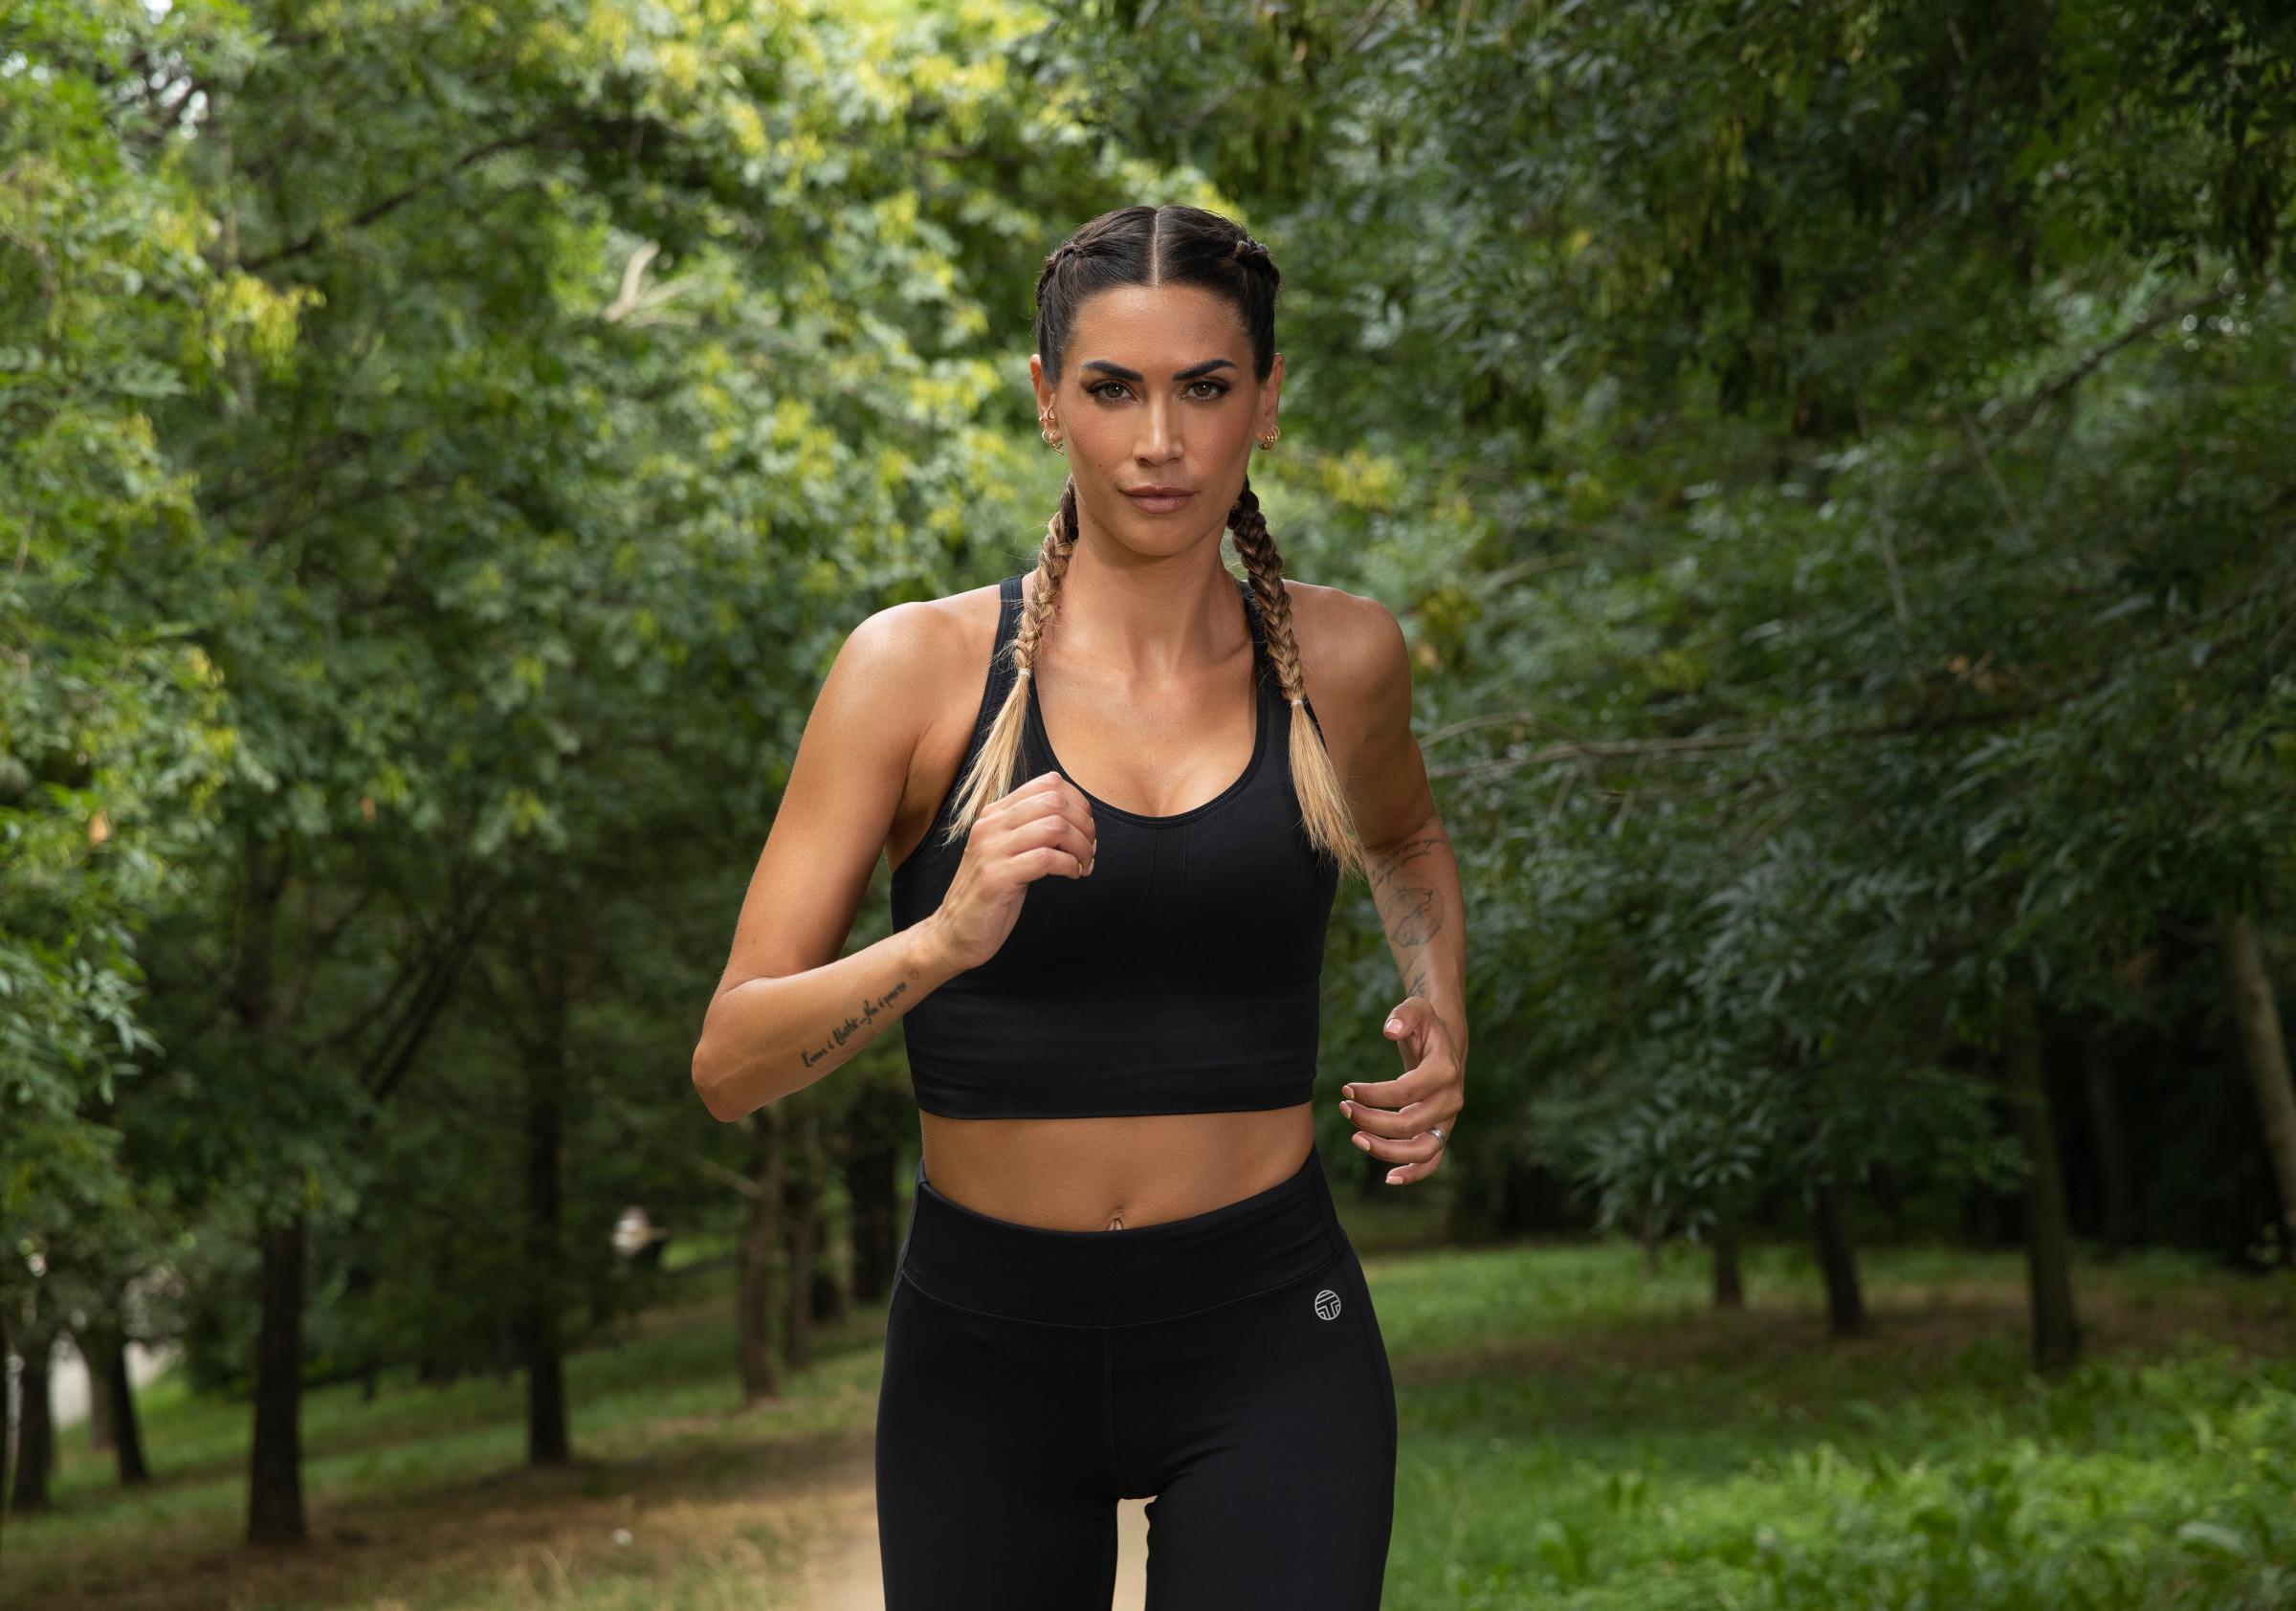 Start 2 Run, l'App di running che piace alla donne, arriva in Italia con Melissa Satta